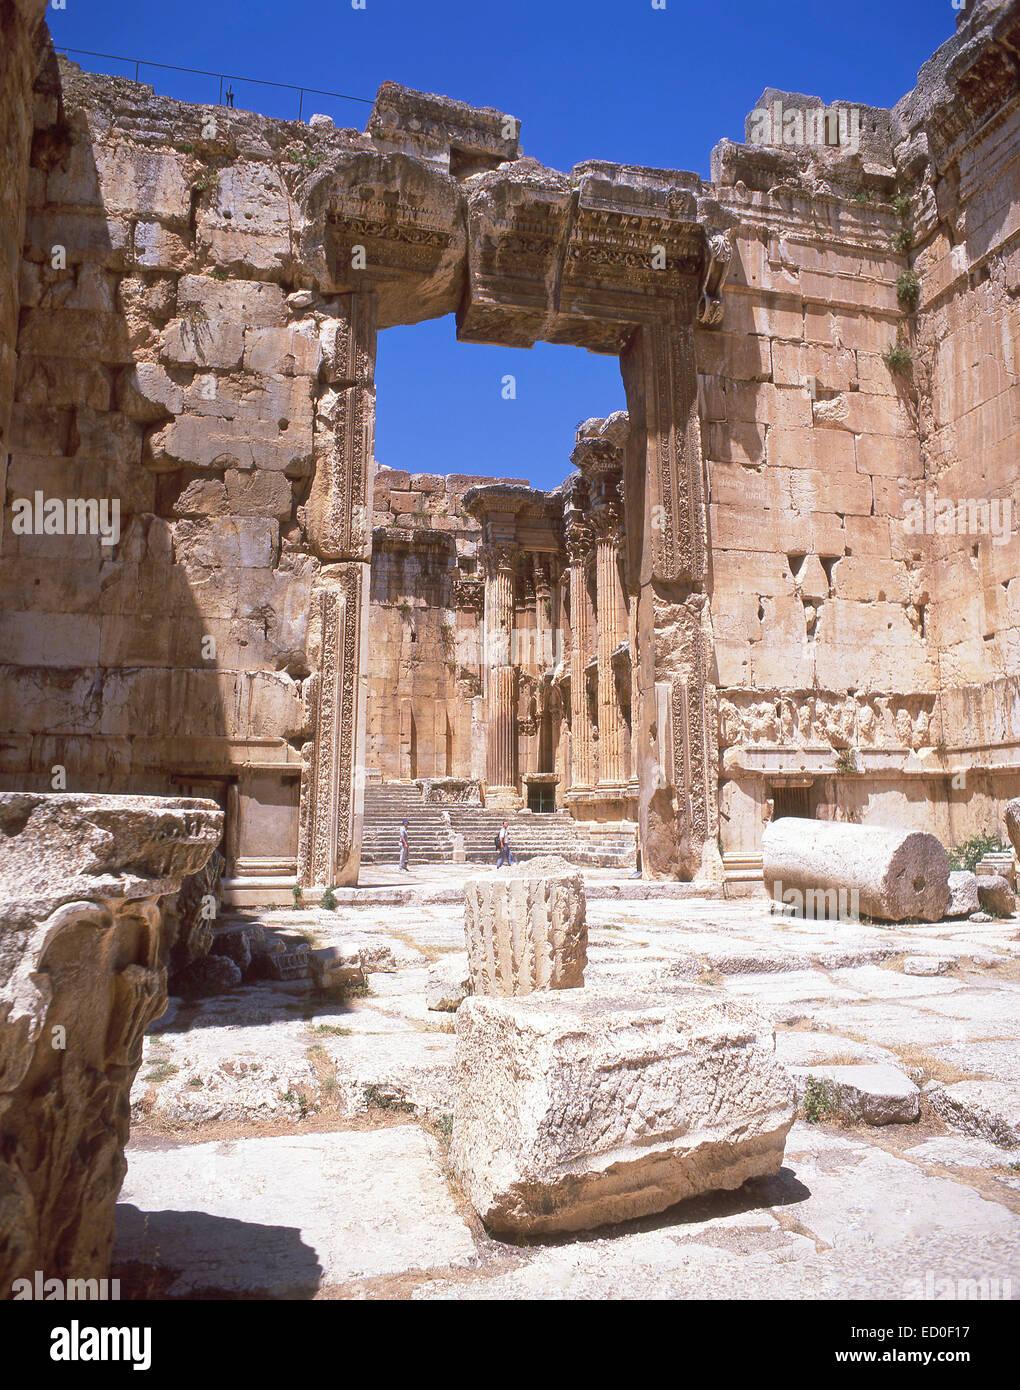 Entrata al tempio di Bacco, Baalbeck, Bekaa Valley, Repubblica del Libano Immagini Stock